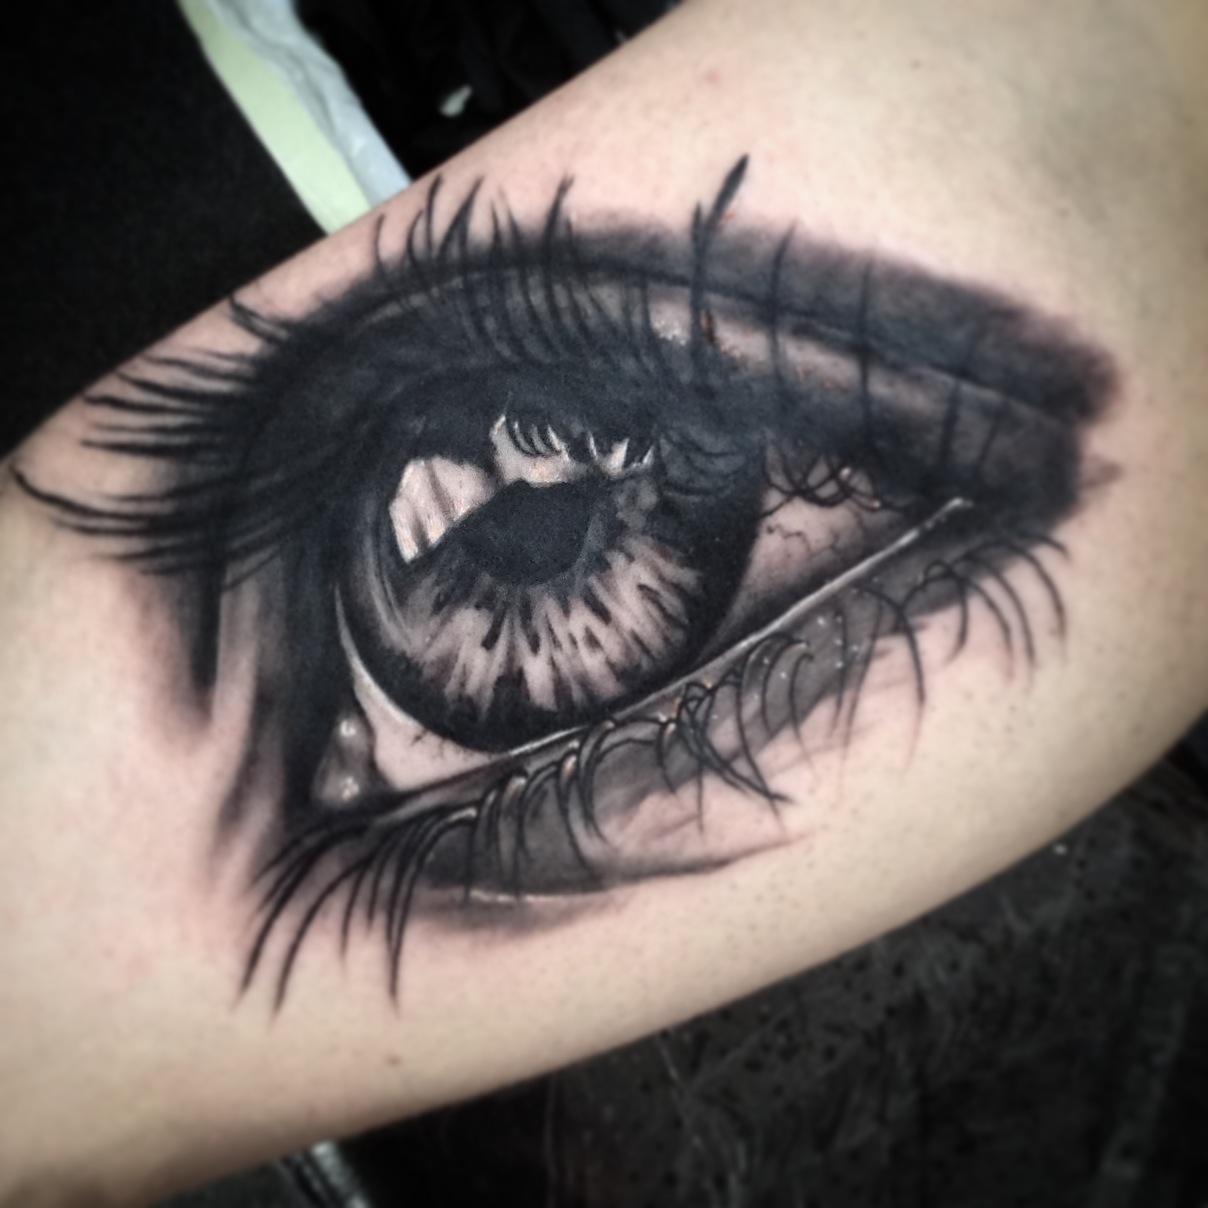 tatuirovka_na_bicepse_devushki_glaz.jpg